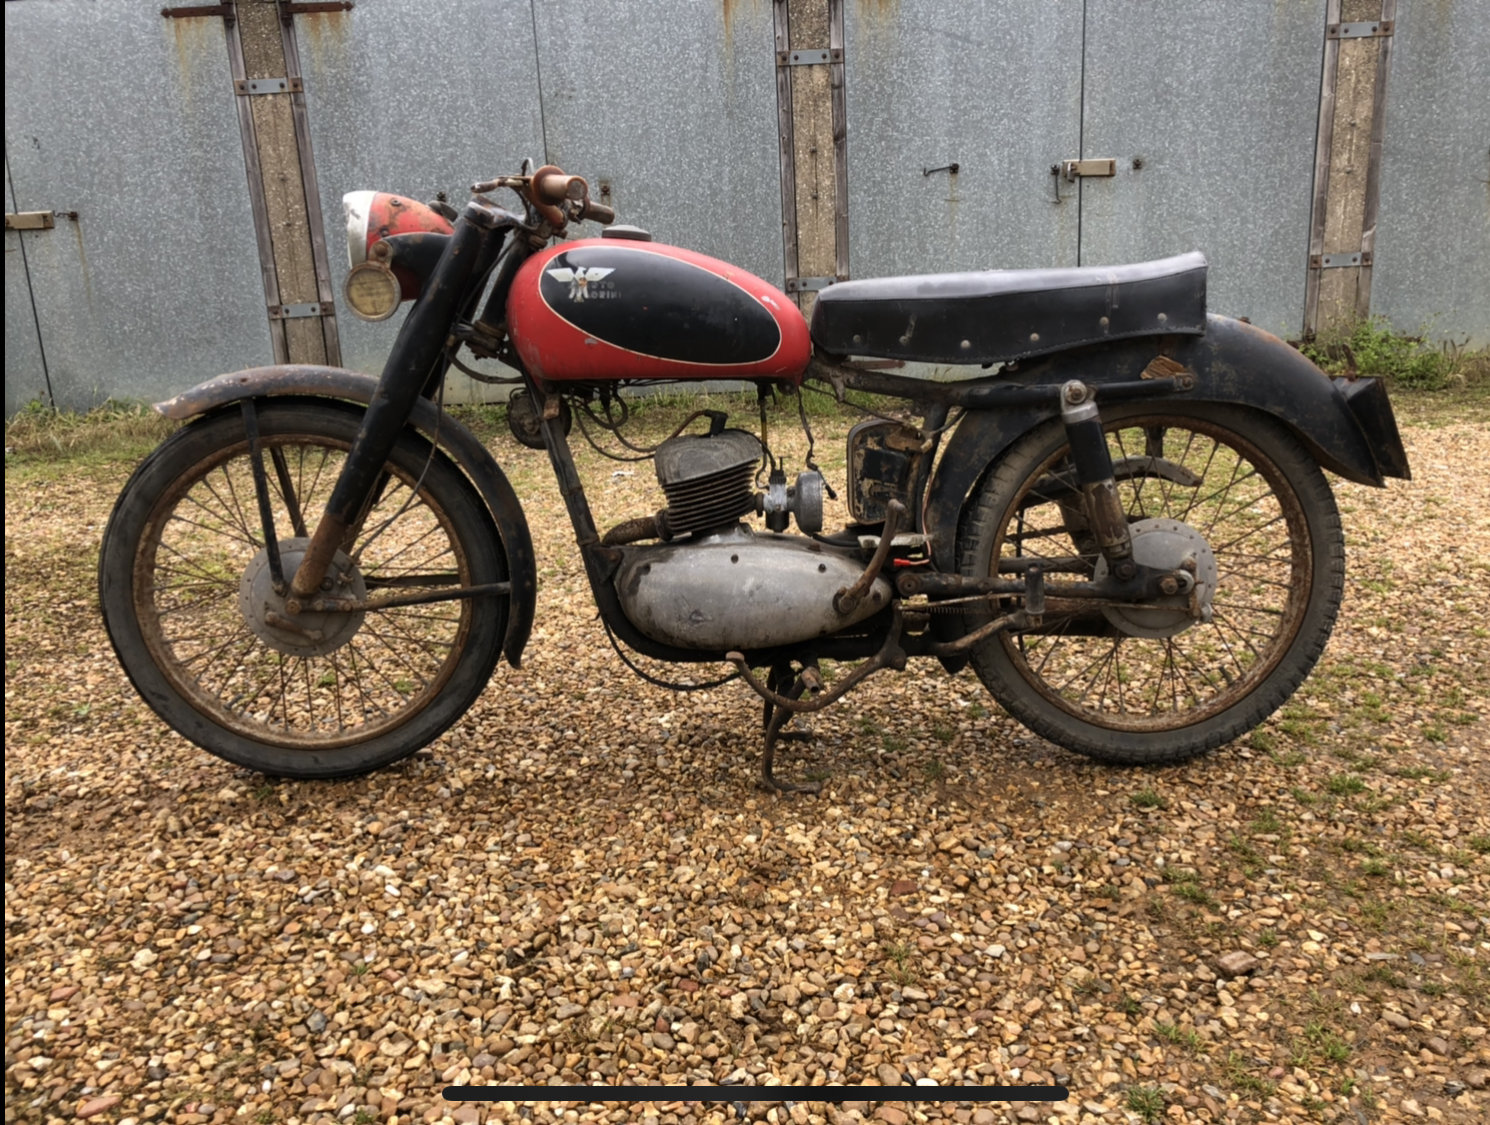 1959 Moto morini 125 classic project bike  For Sale (picture 1 of 5)